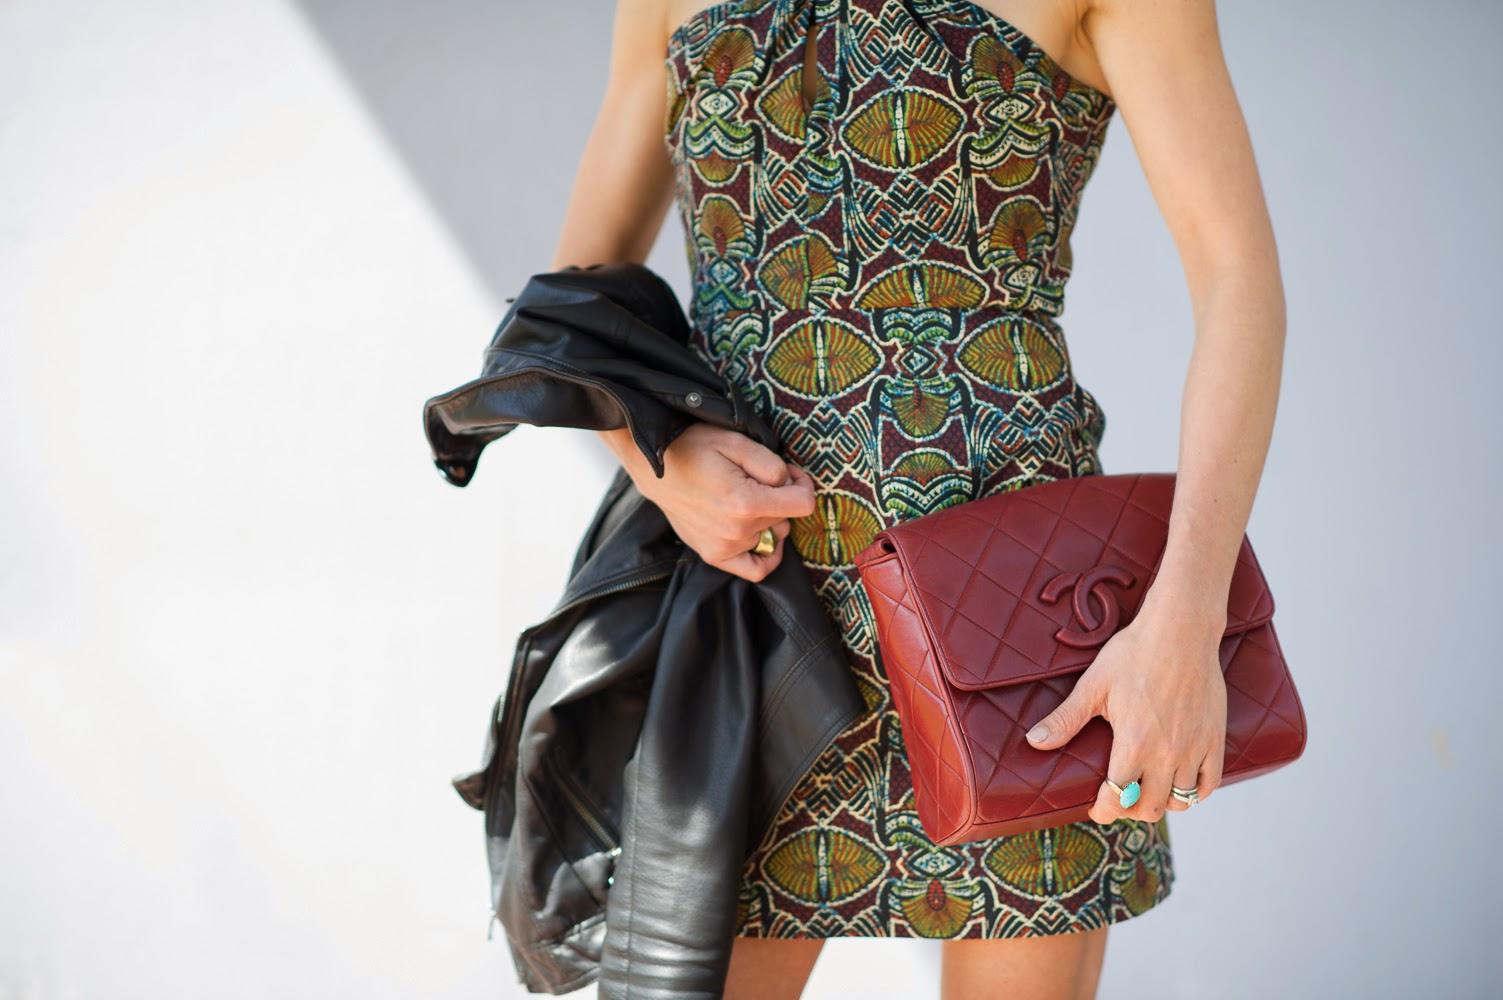 bdca813047cf dress / sandal / lips / jacket / vintage Chanel c/o Rice and Beans Vintage